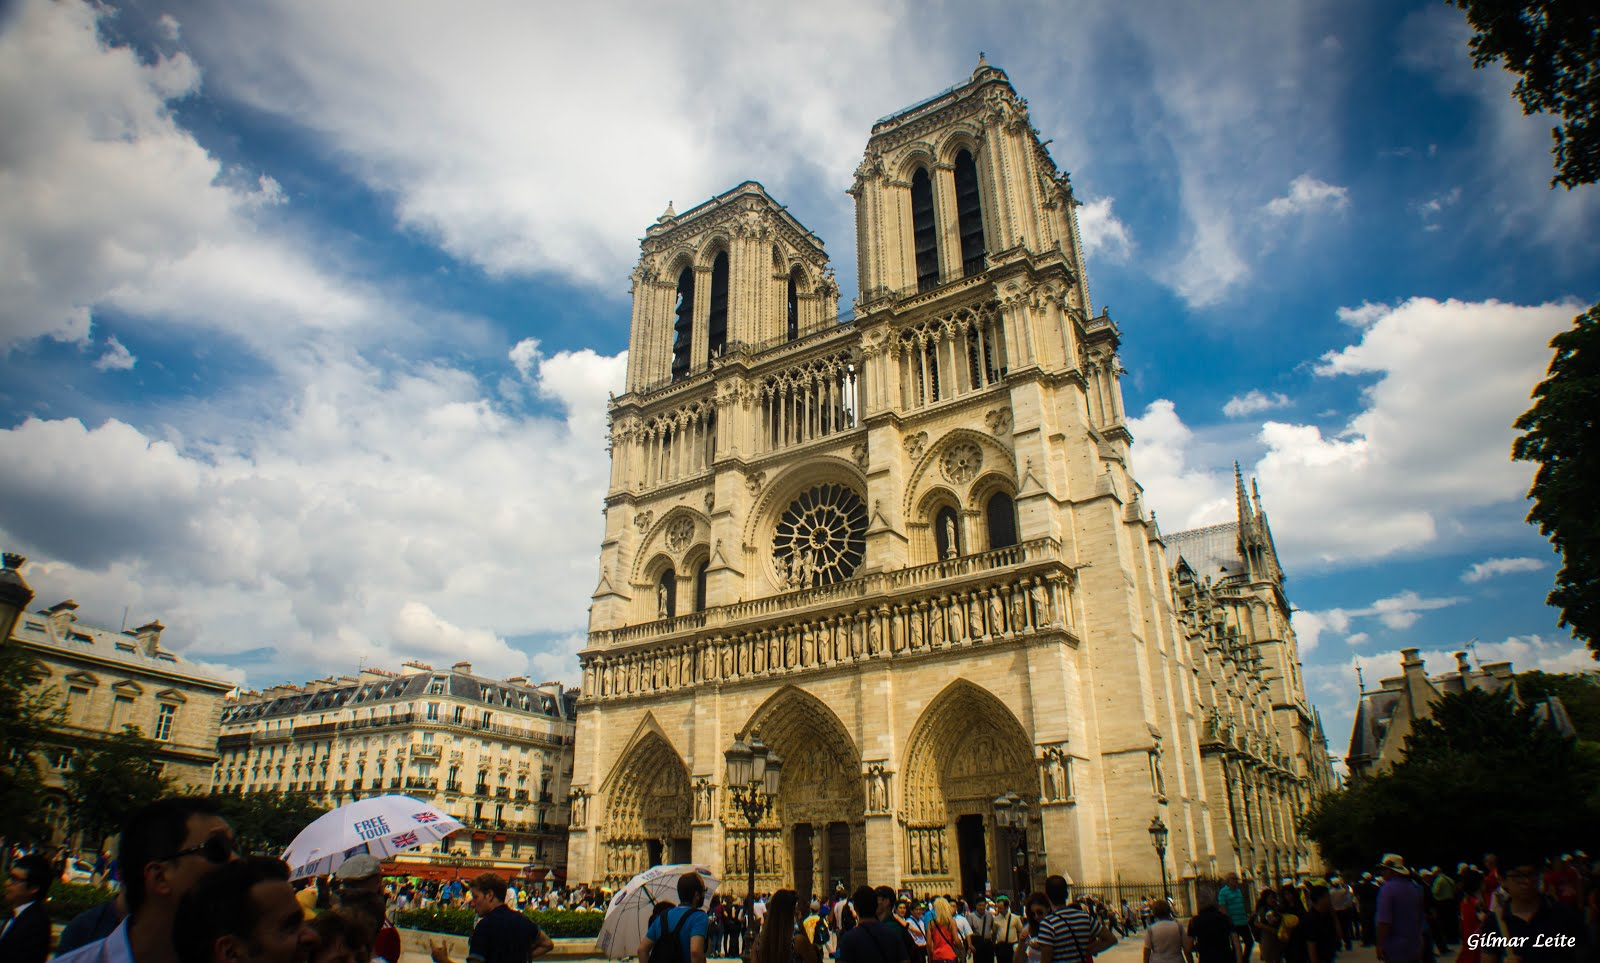 CATEDRAL DE NOTRE DAME - PARIS